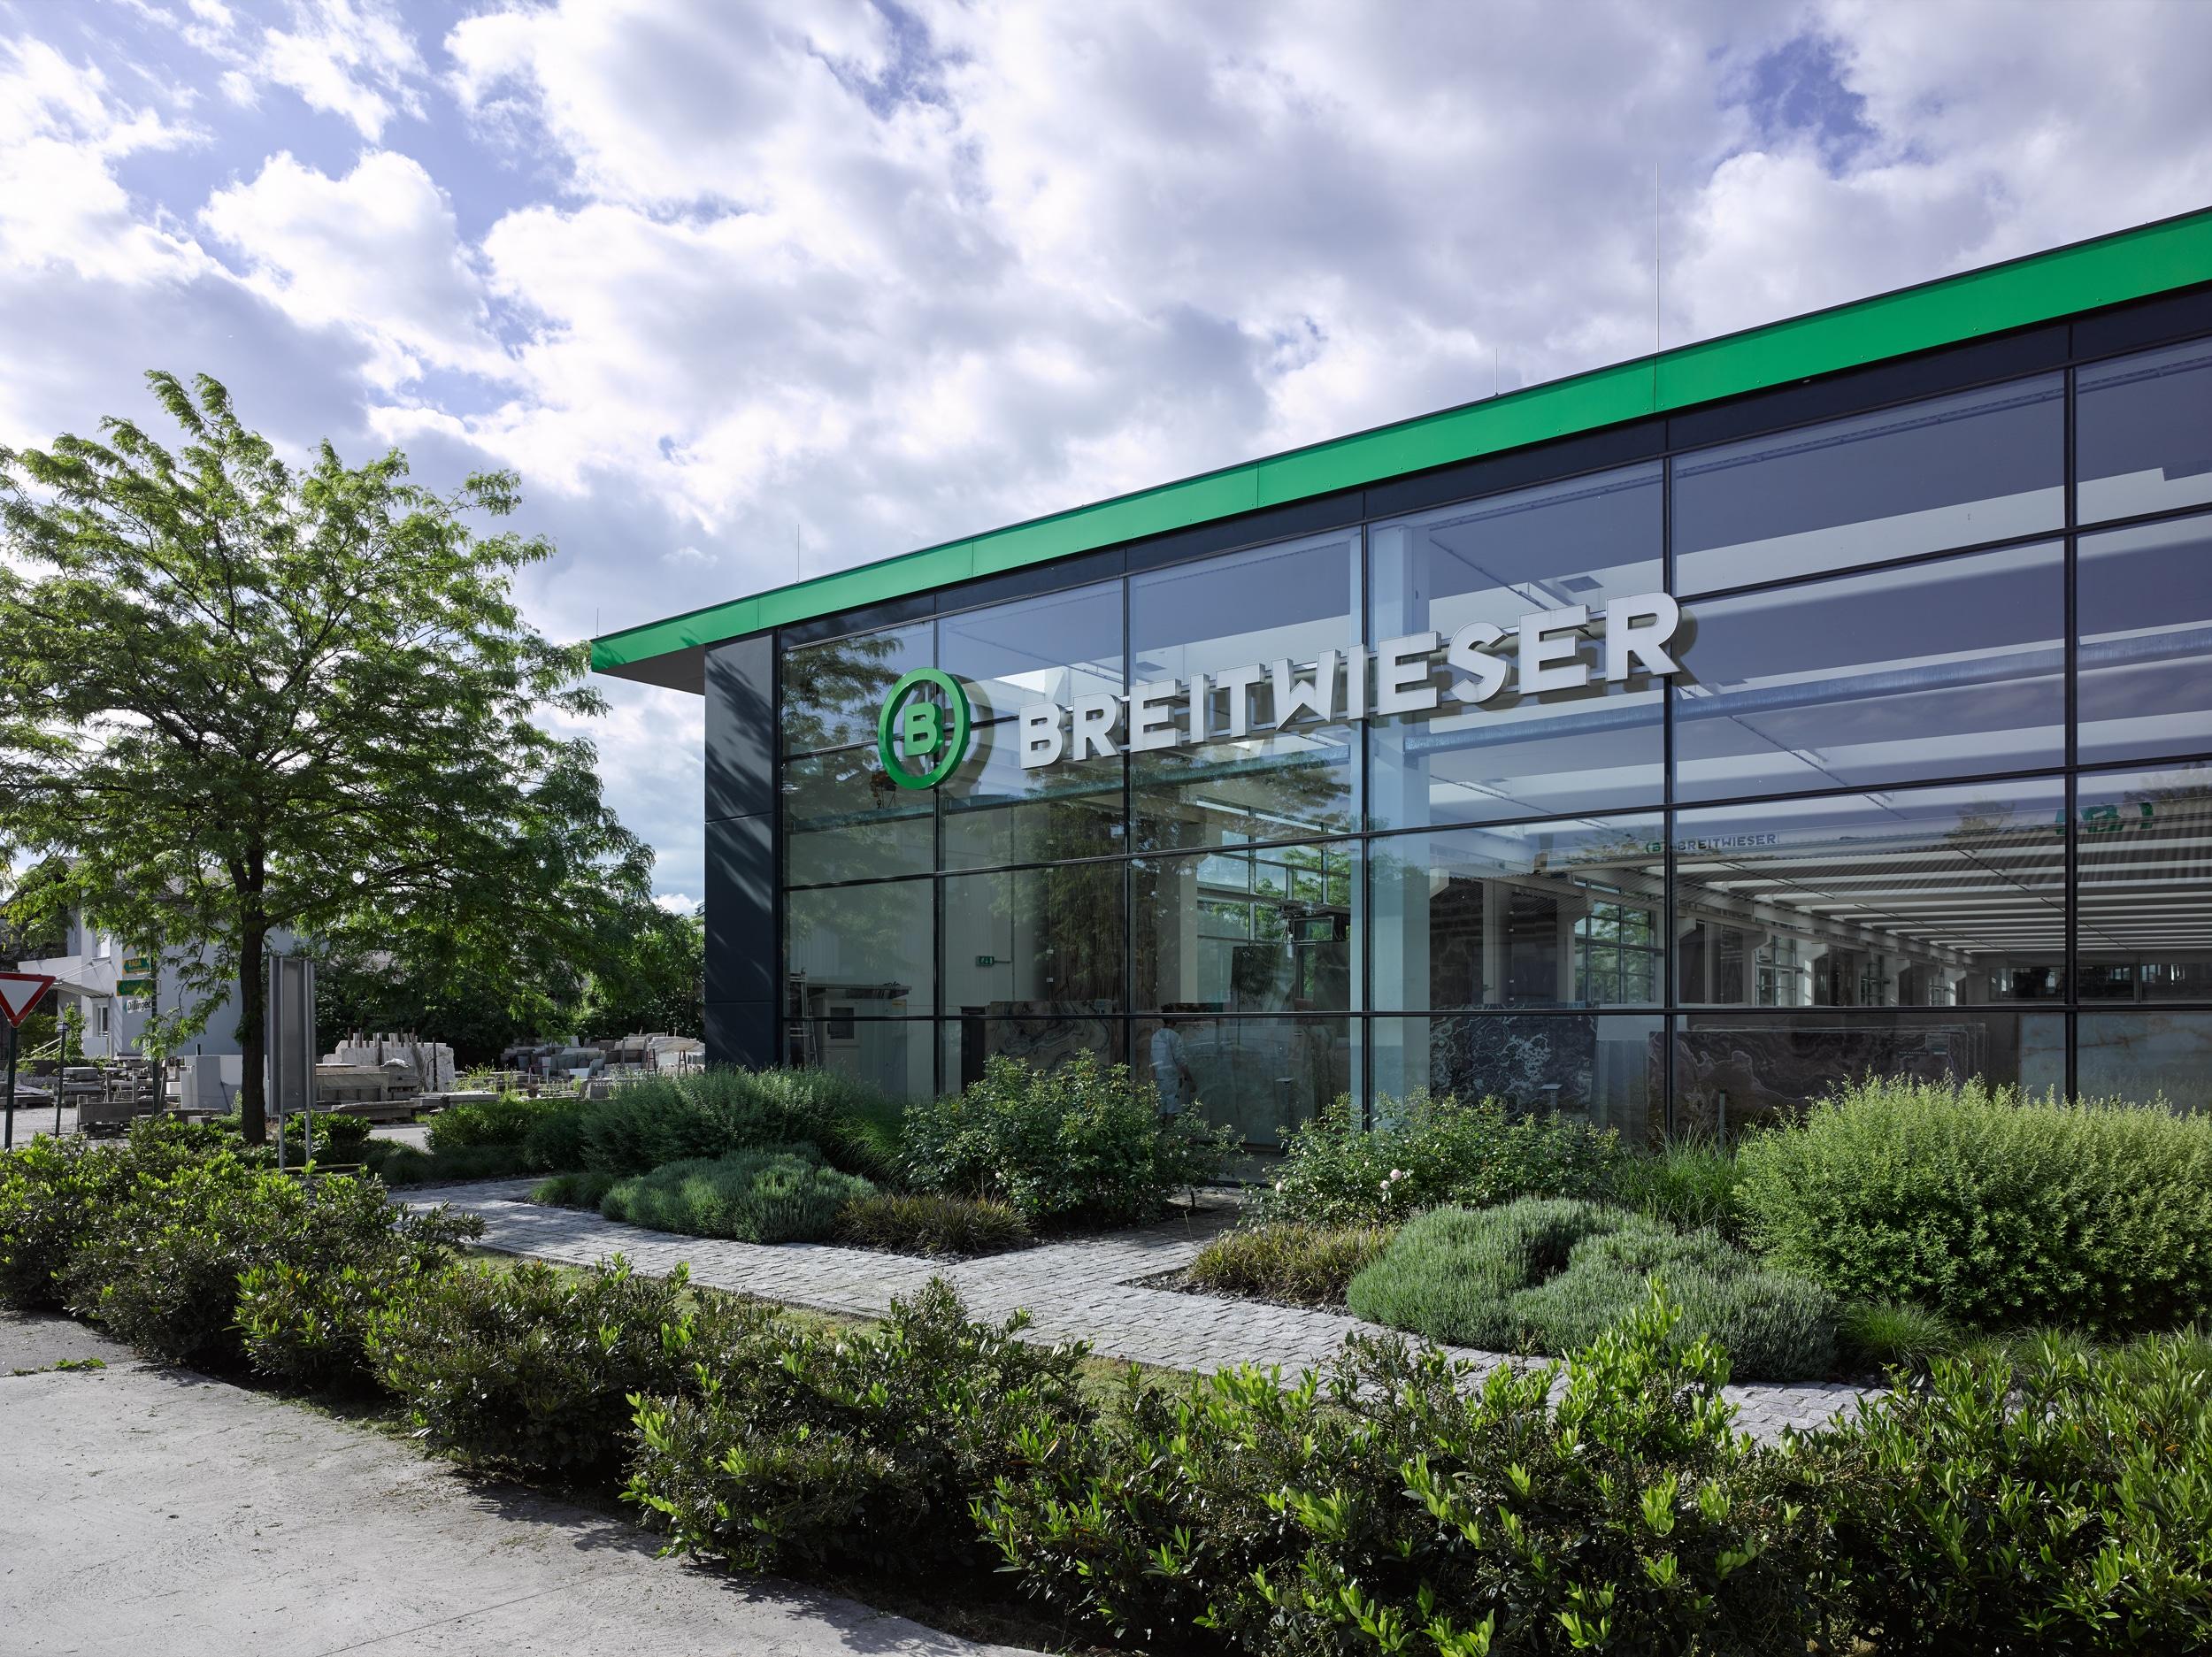 Headquarter von Breitwieser. Außenansicht.